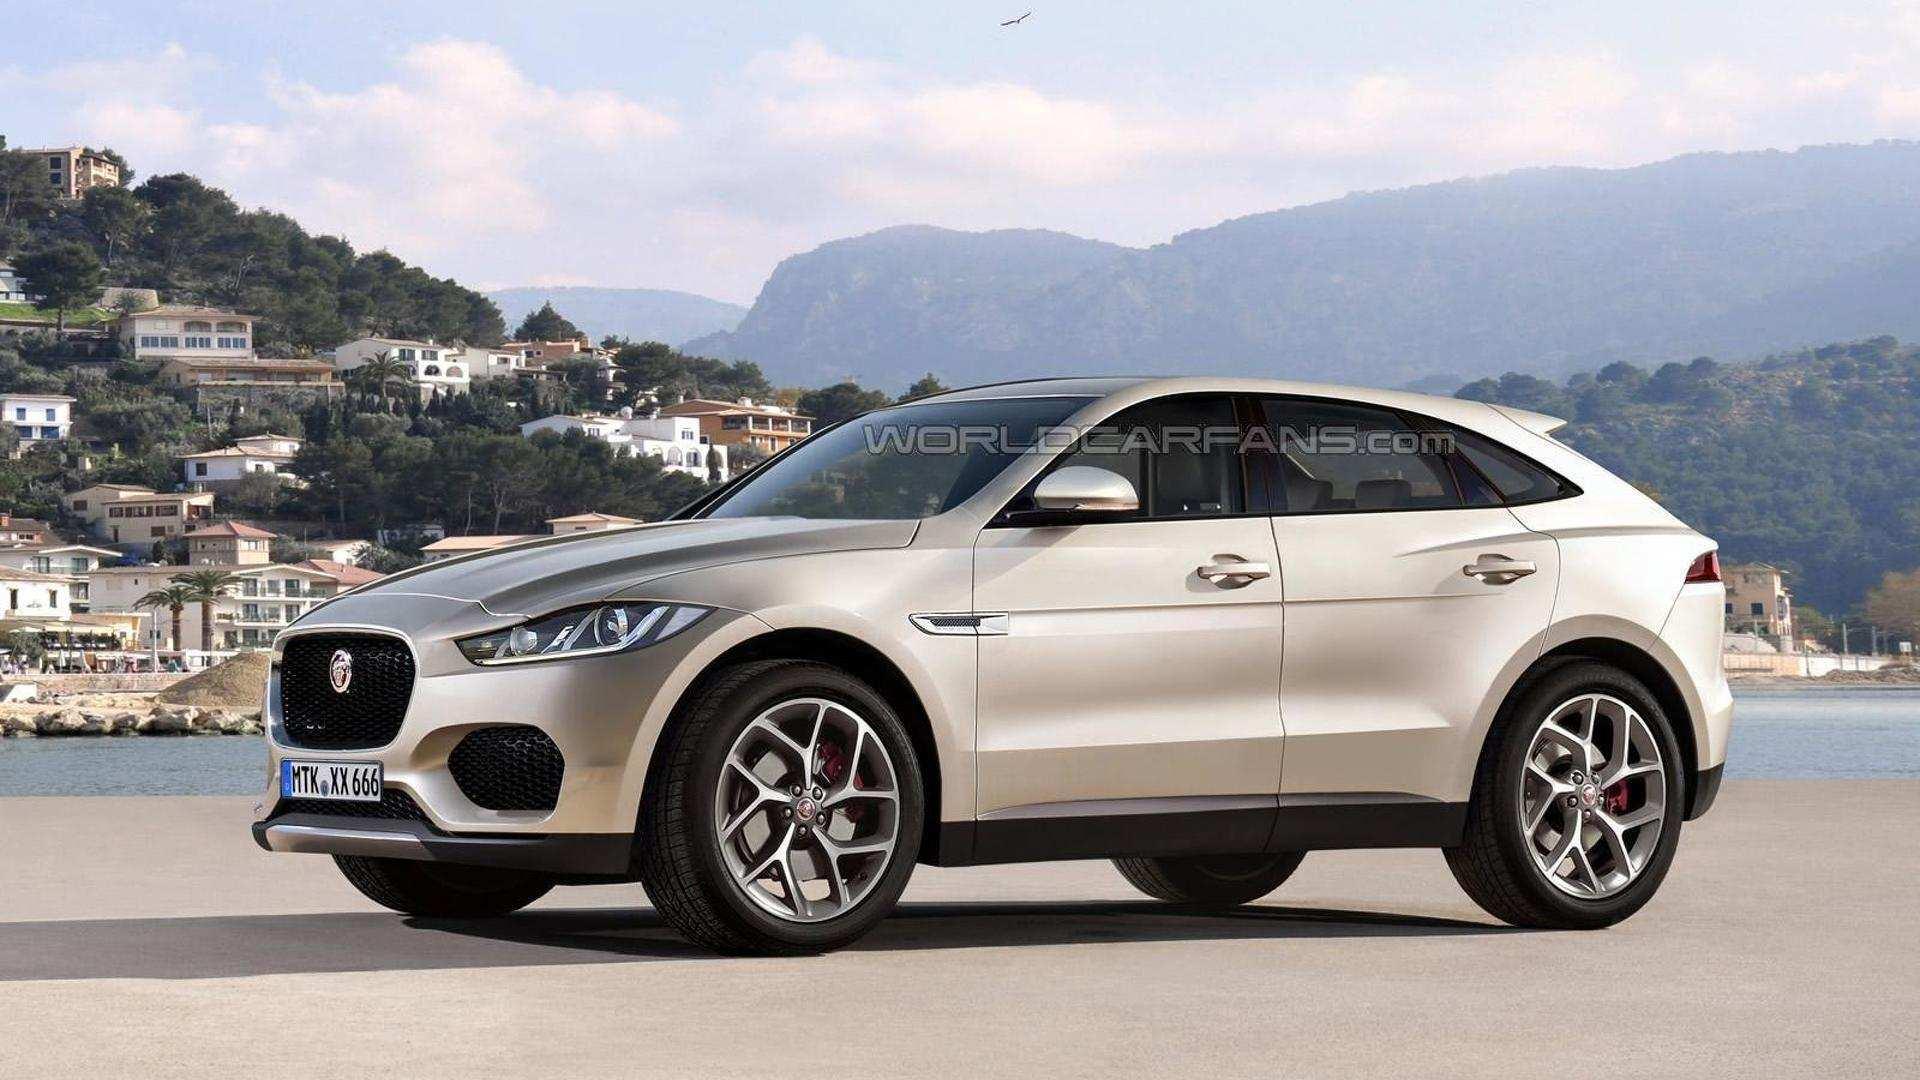 90 Best Review E Pace Jaguar 2020 Redesign with E Pace Jaguar 2020